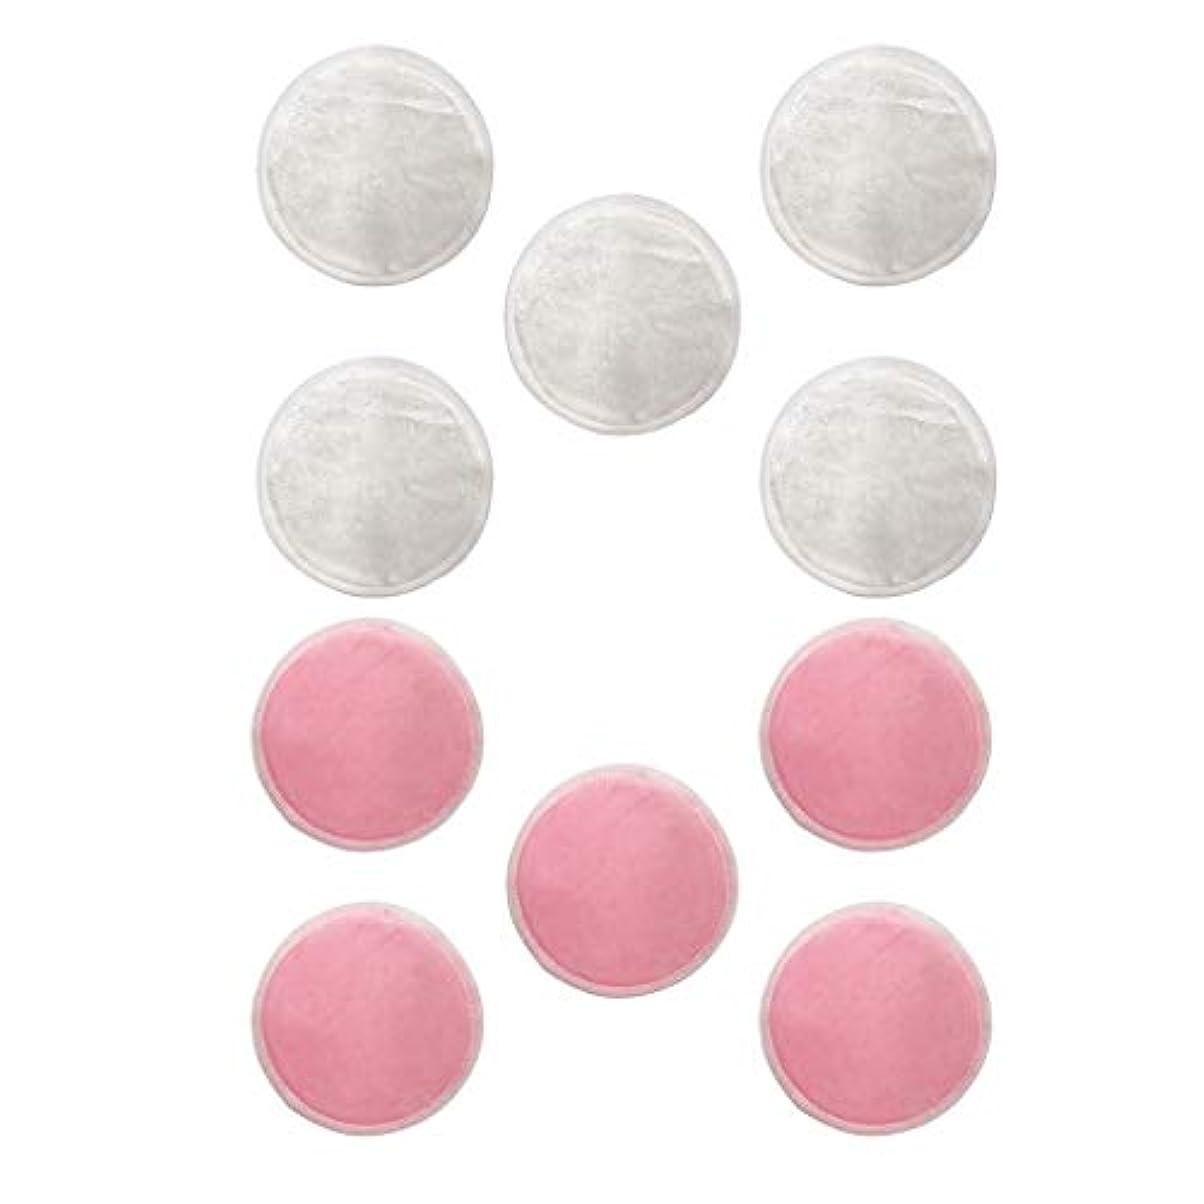 甘味ショット広告dailymall Natural Rounds 10 Packs-顔用の再利用可能な竹繊維メイク落としパッド-再利用可能なフェイシャルコットンラウンド